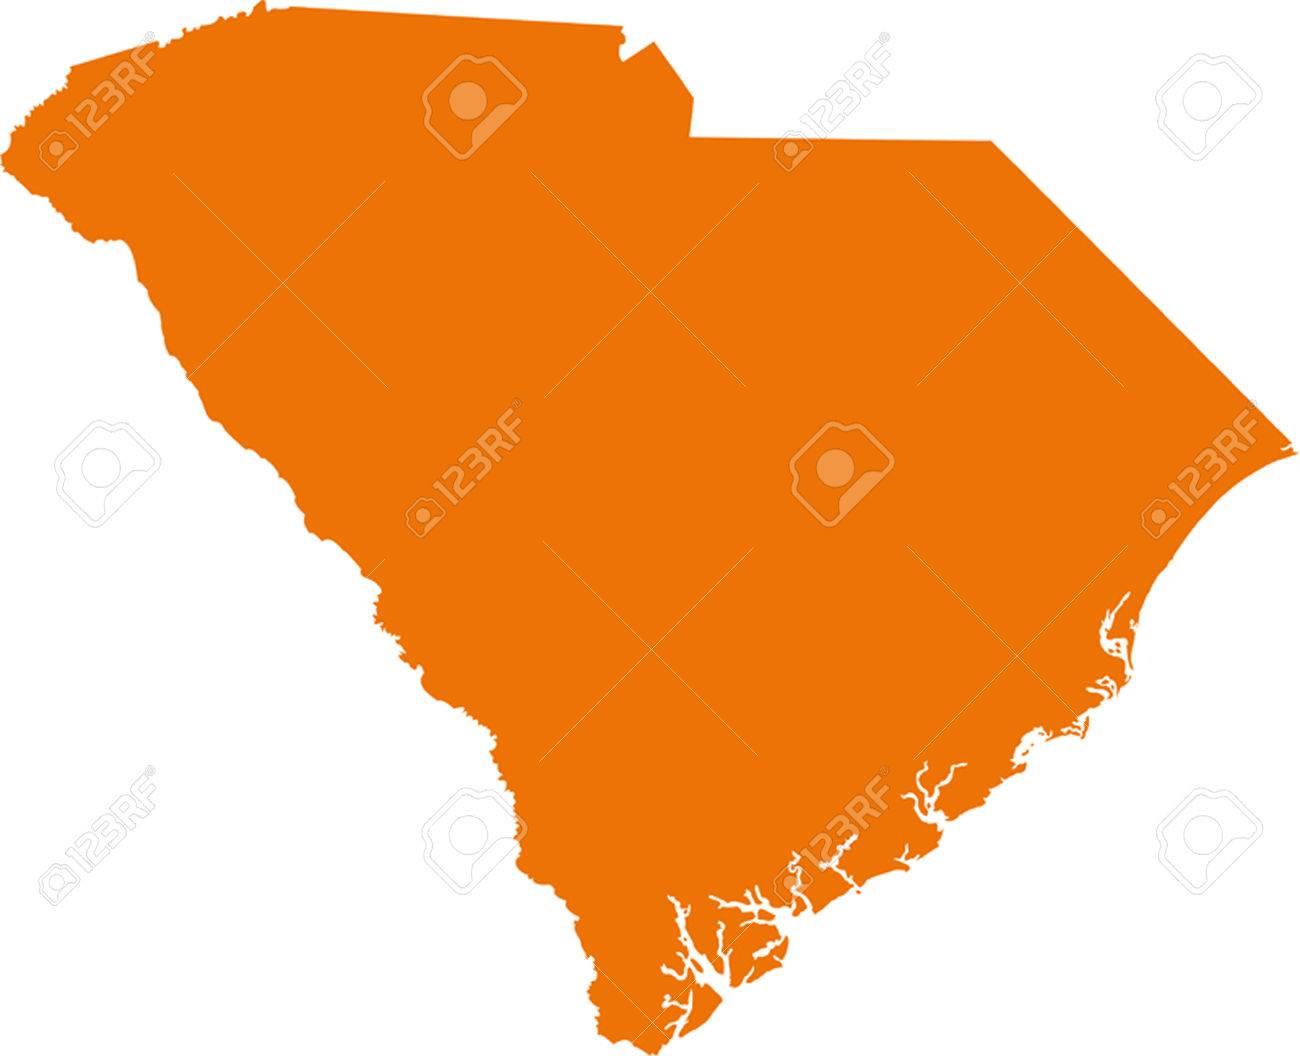 South Carolina Map Royalty Free Cliparts Vectors And Stock